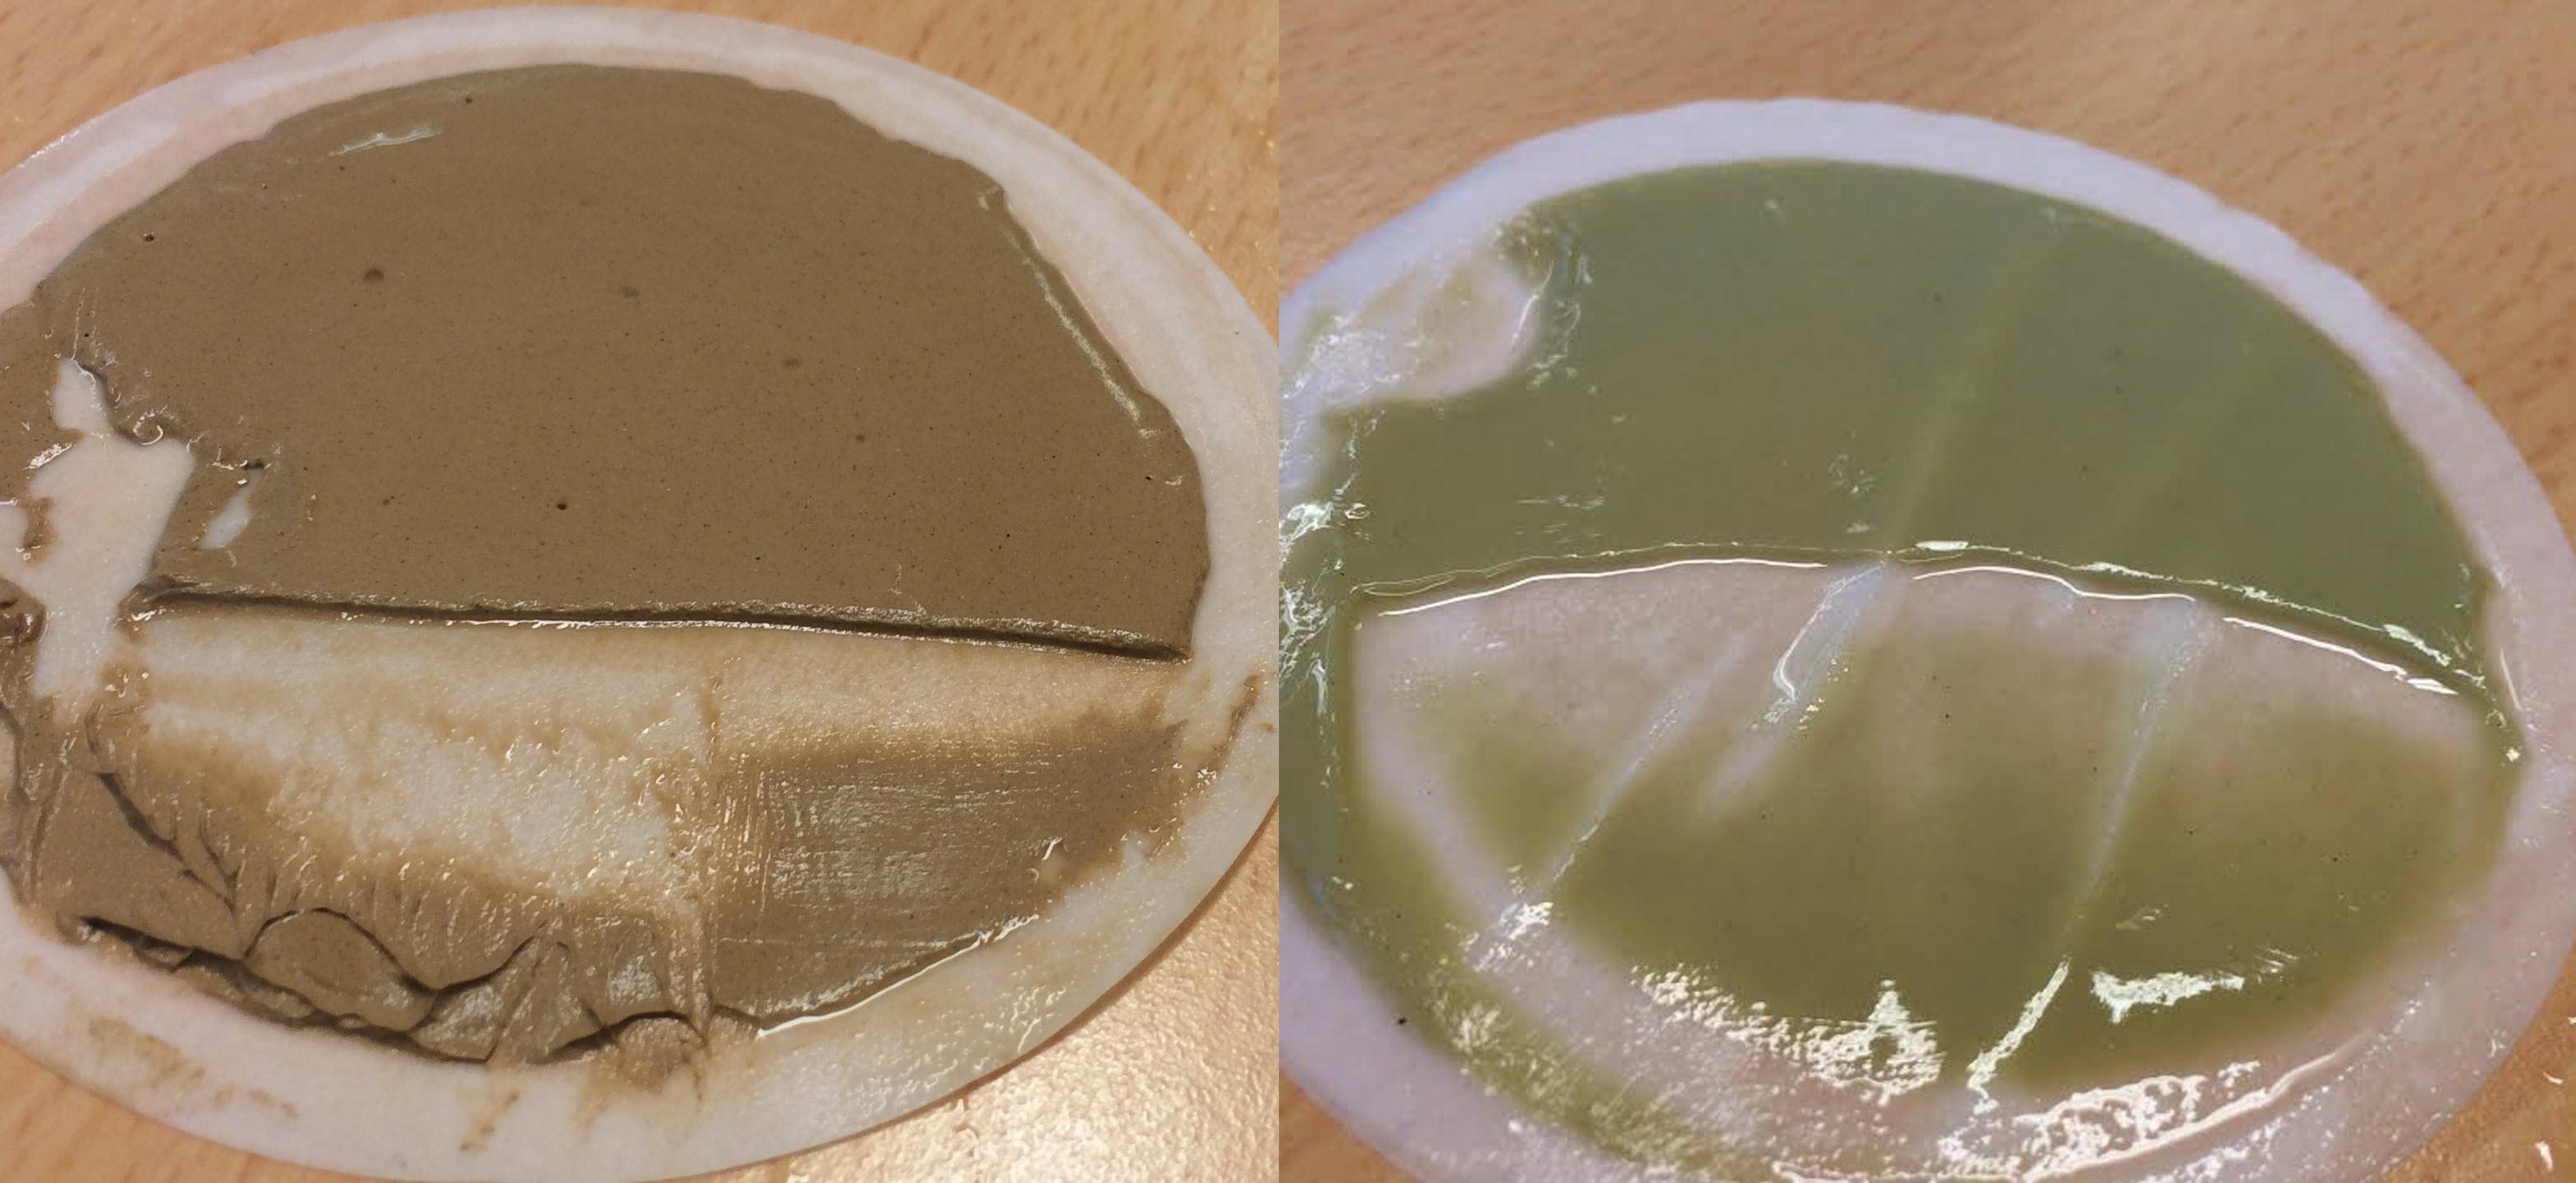 Bilde av to brukte filtre med små partikler som er fanget. Filteret er brukt til å teste filteregenskapene i en væske. Foto.